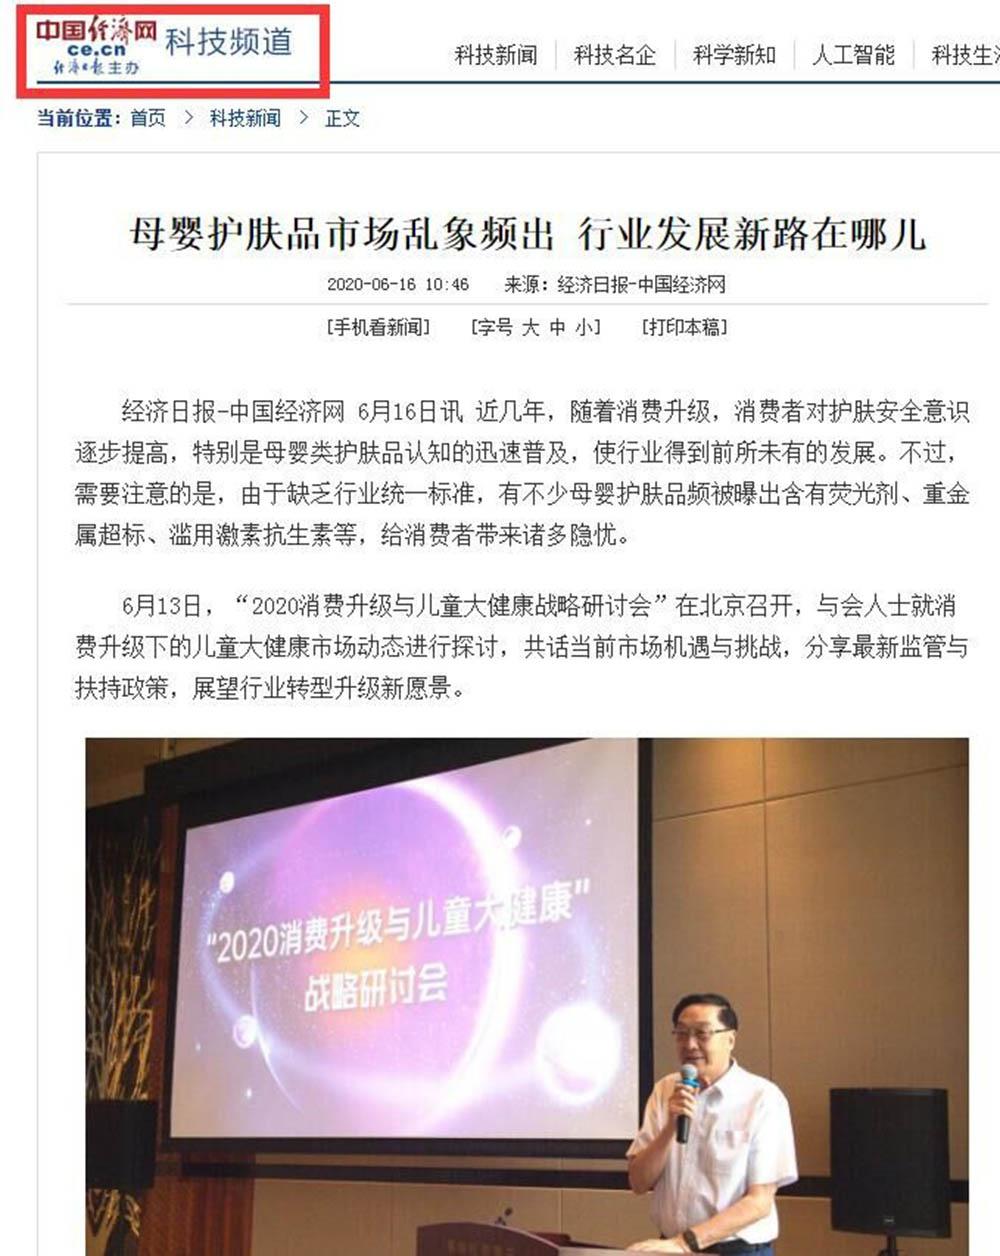 经济日报聚焦杏璞霜品牌:打造最适合中国宝宝的国货护肤品